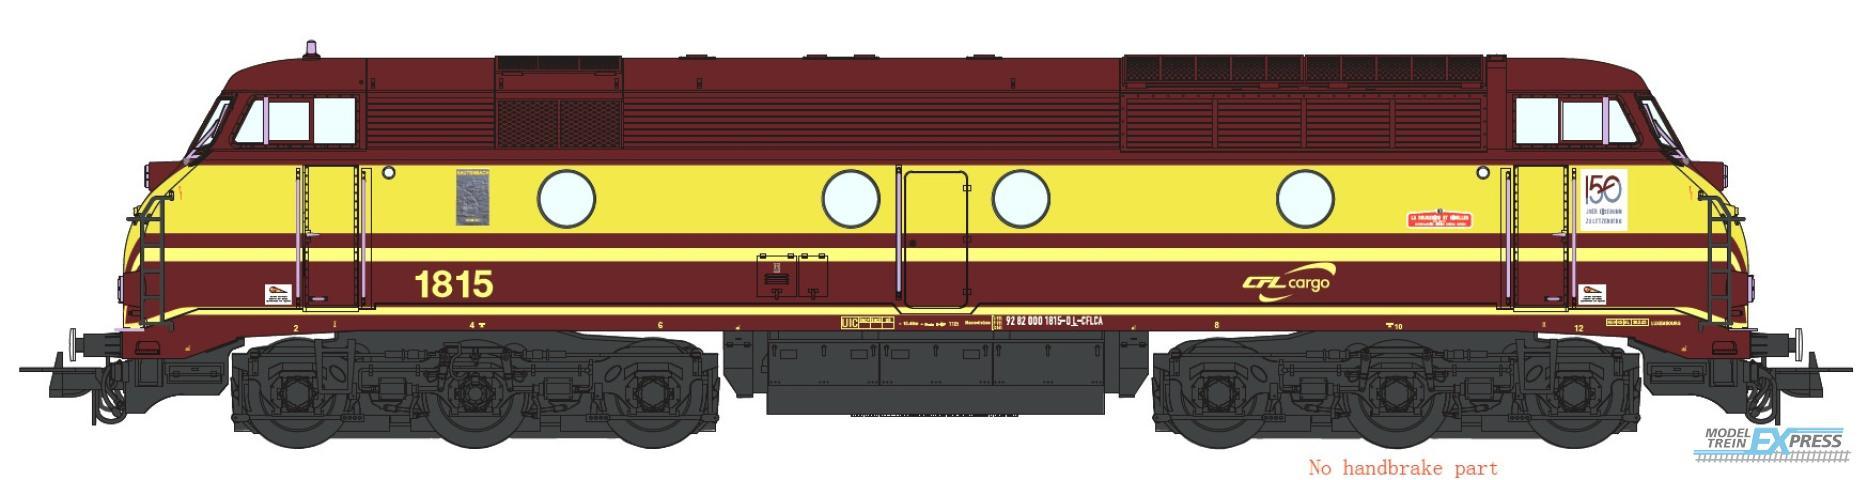 B-Models 23.207